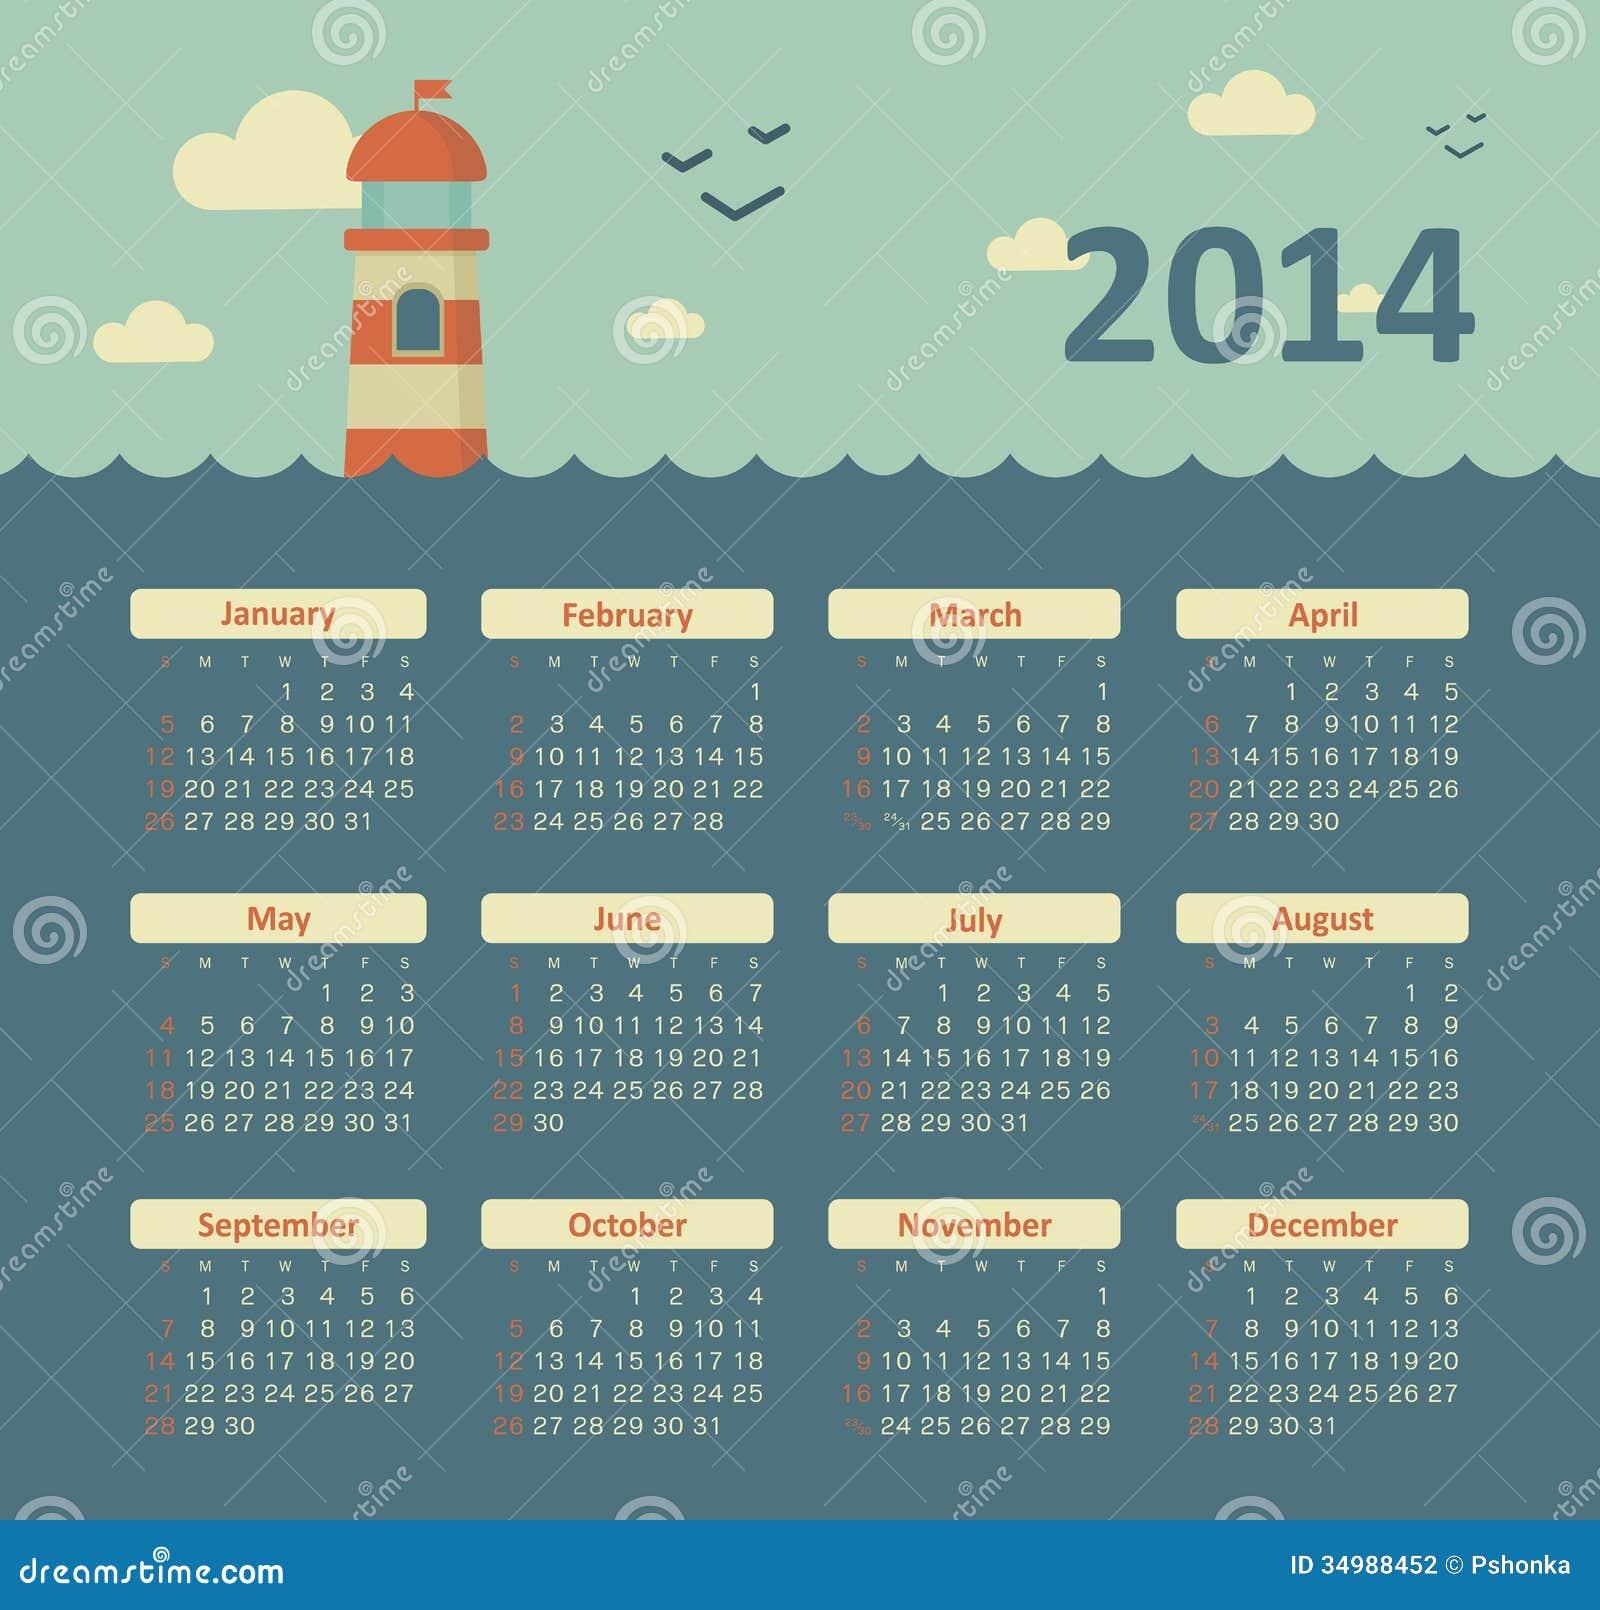 Calendar Number Design : Calendar stock vector illustration of number design